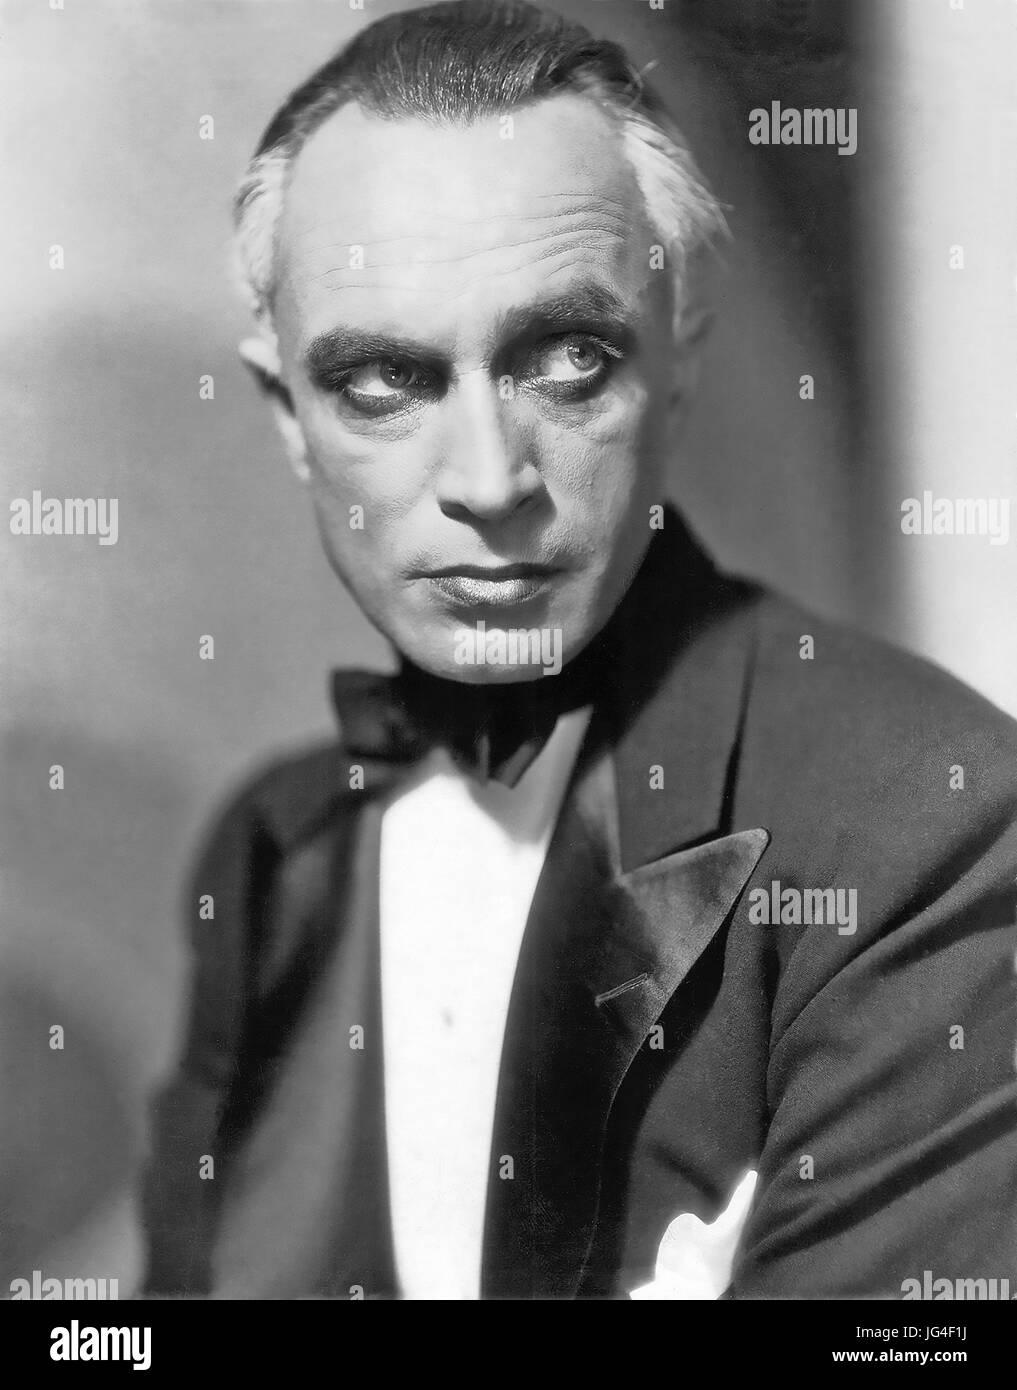 Conrad Veidt hans walter